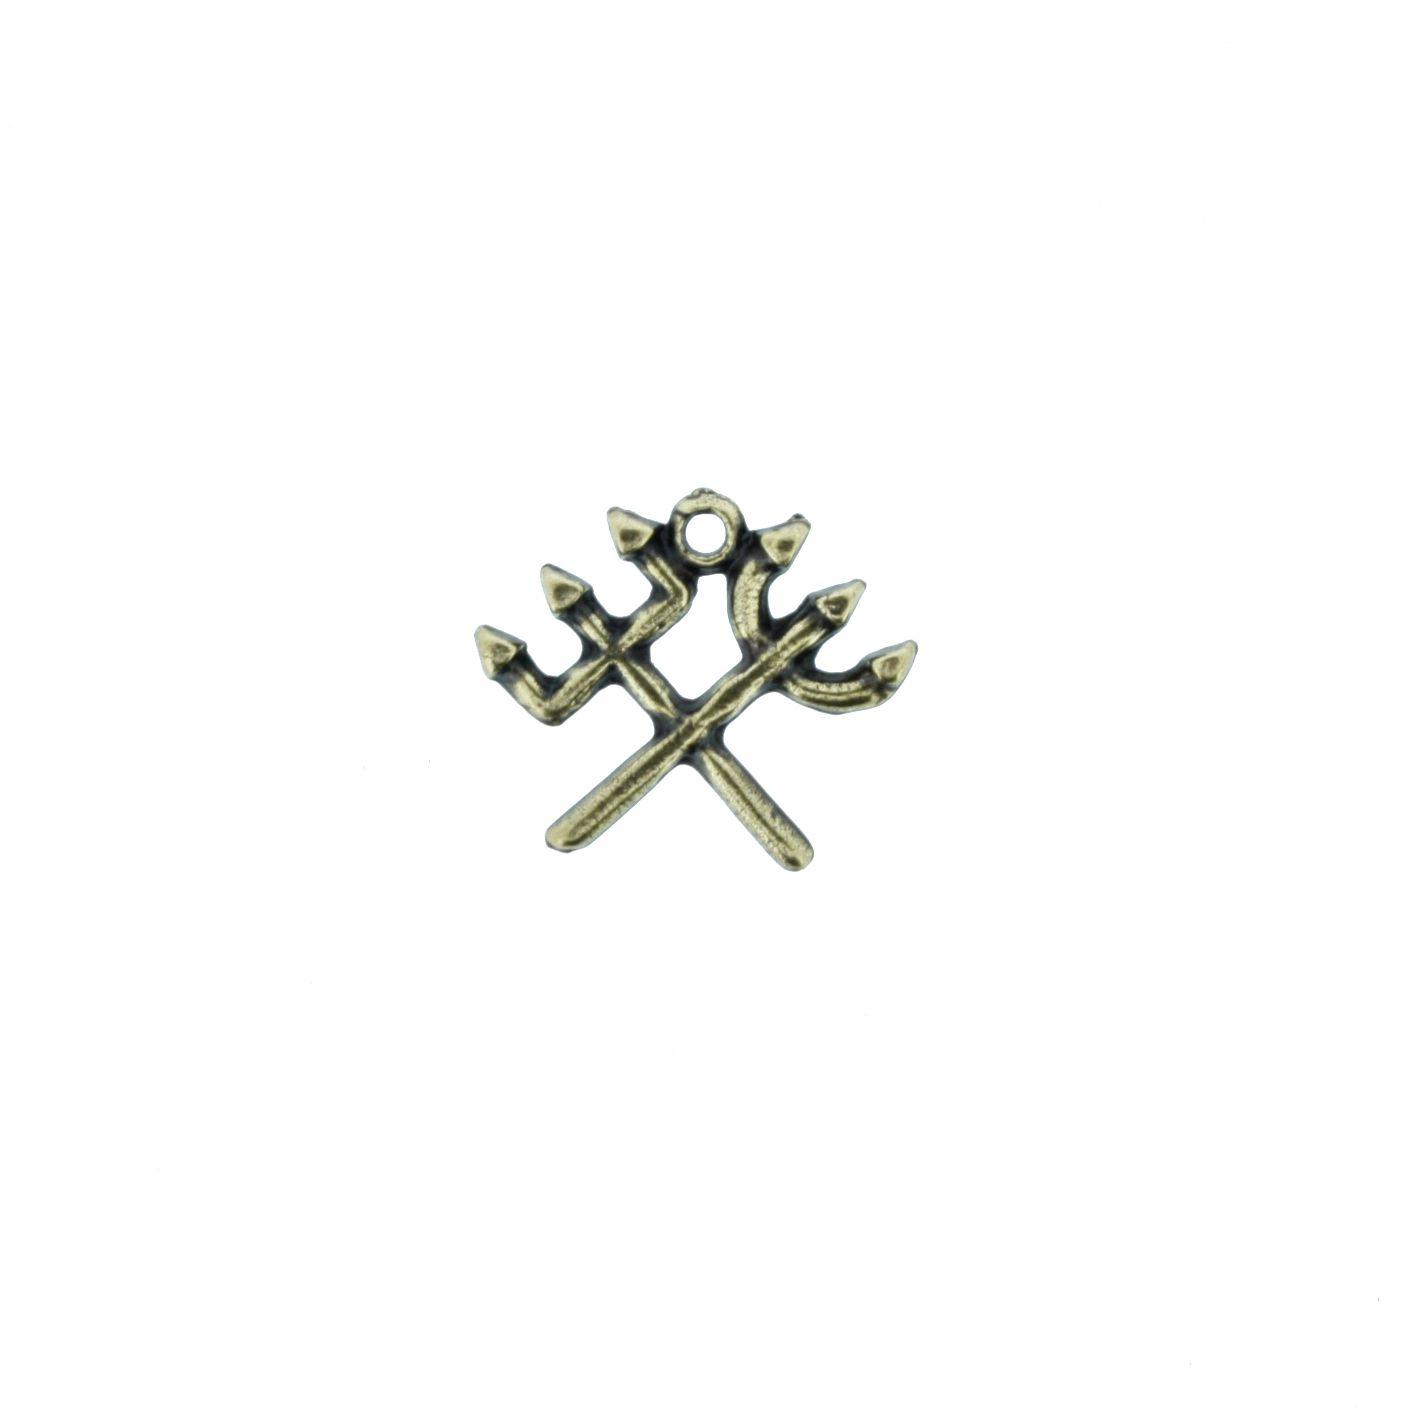 Tridente Duplo - Ouro Velho - 16mm  - Stéphanie Bijoux® - Peças para Bijuterias e Artesanato